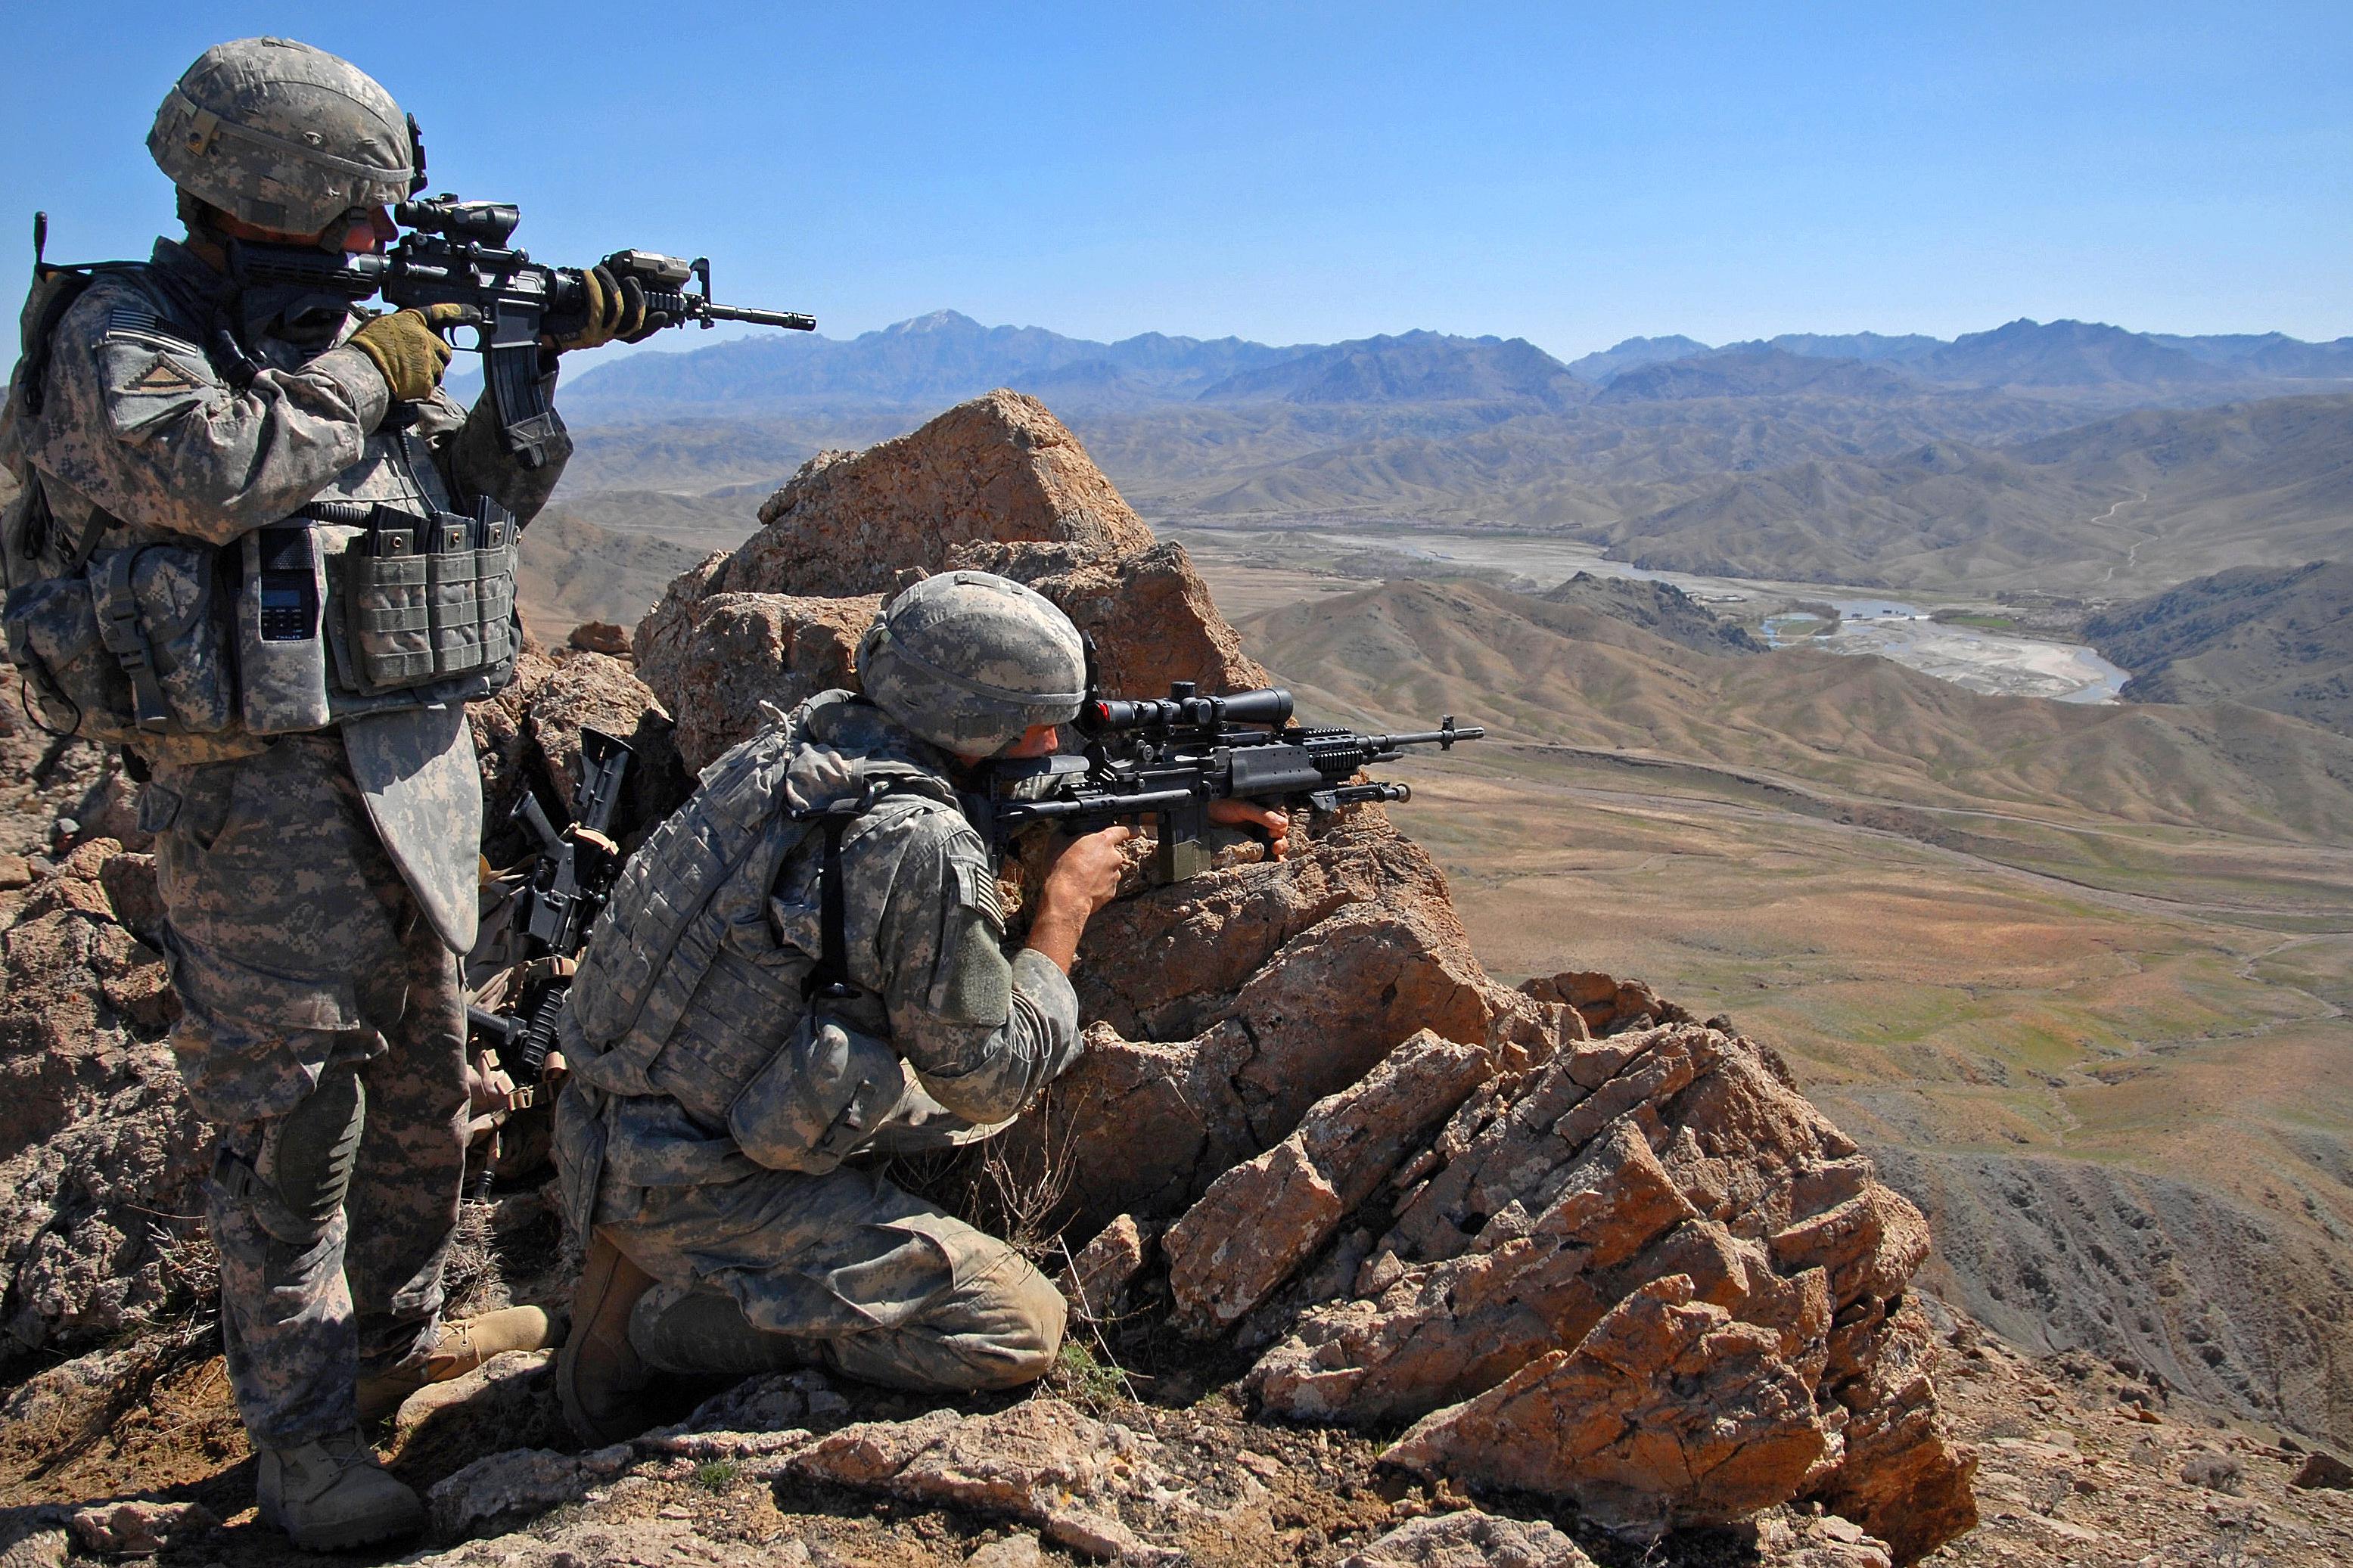 картинки сша и афганистана начале